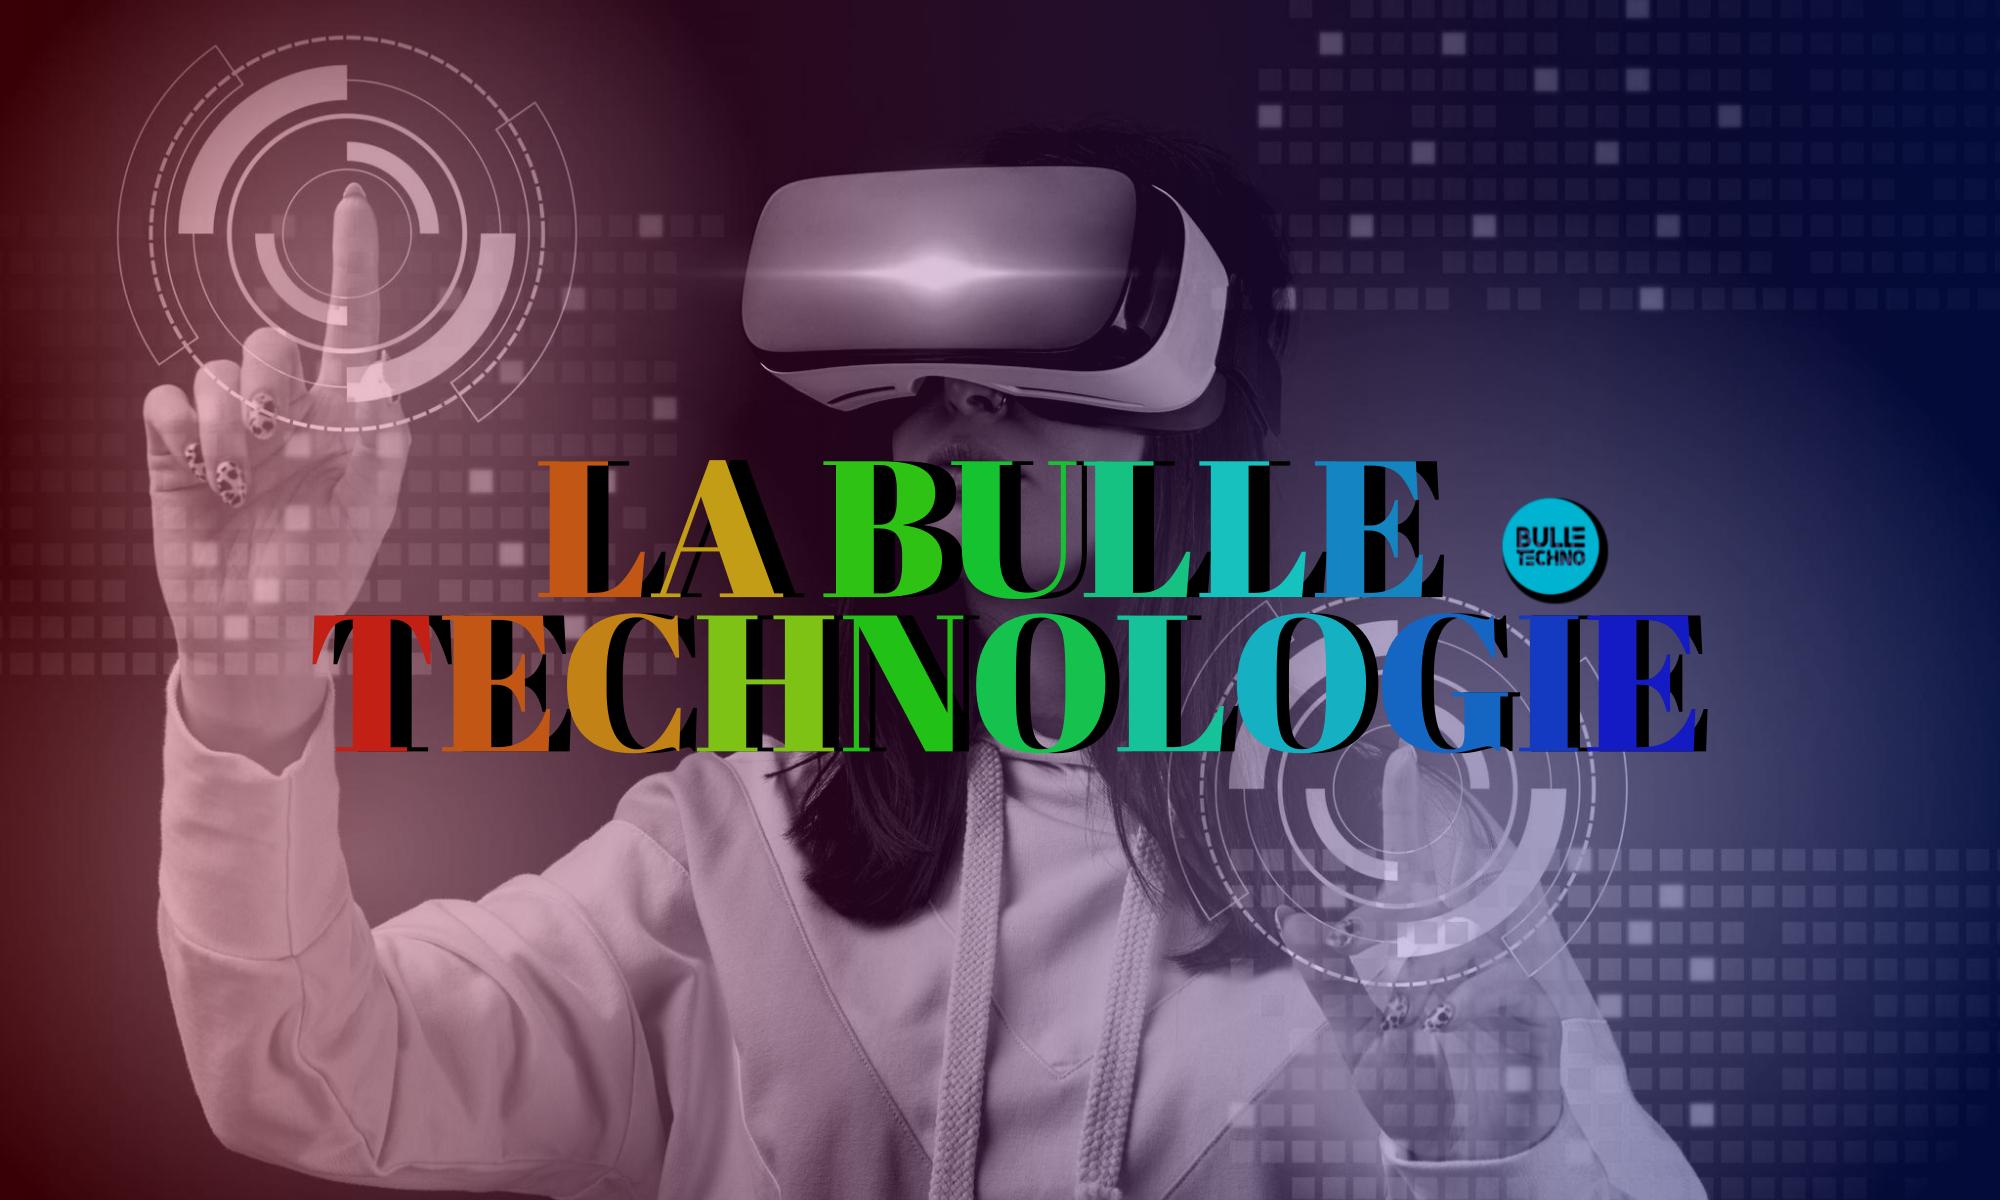 bulle technologie